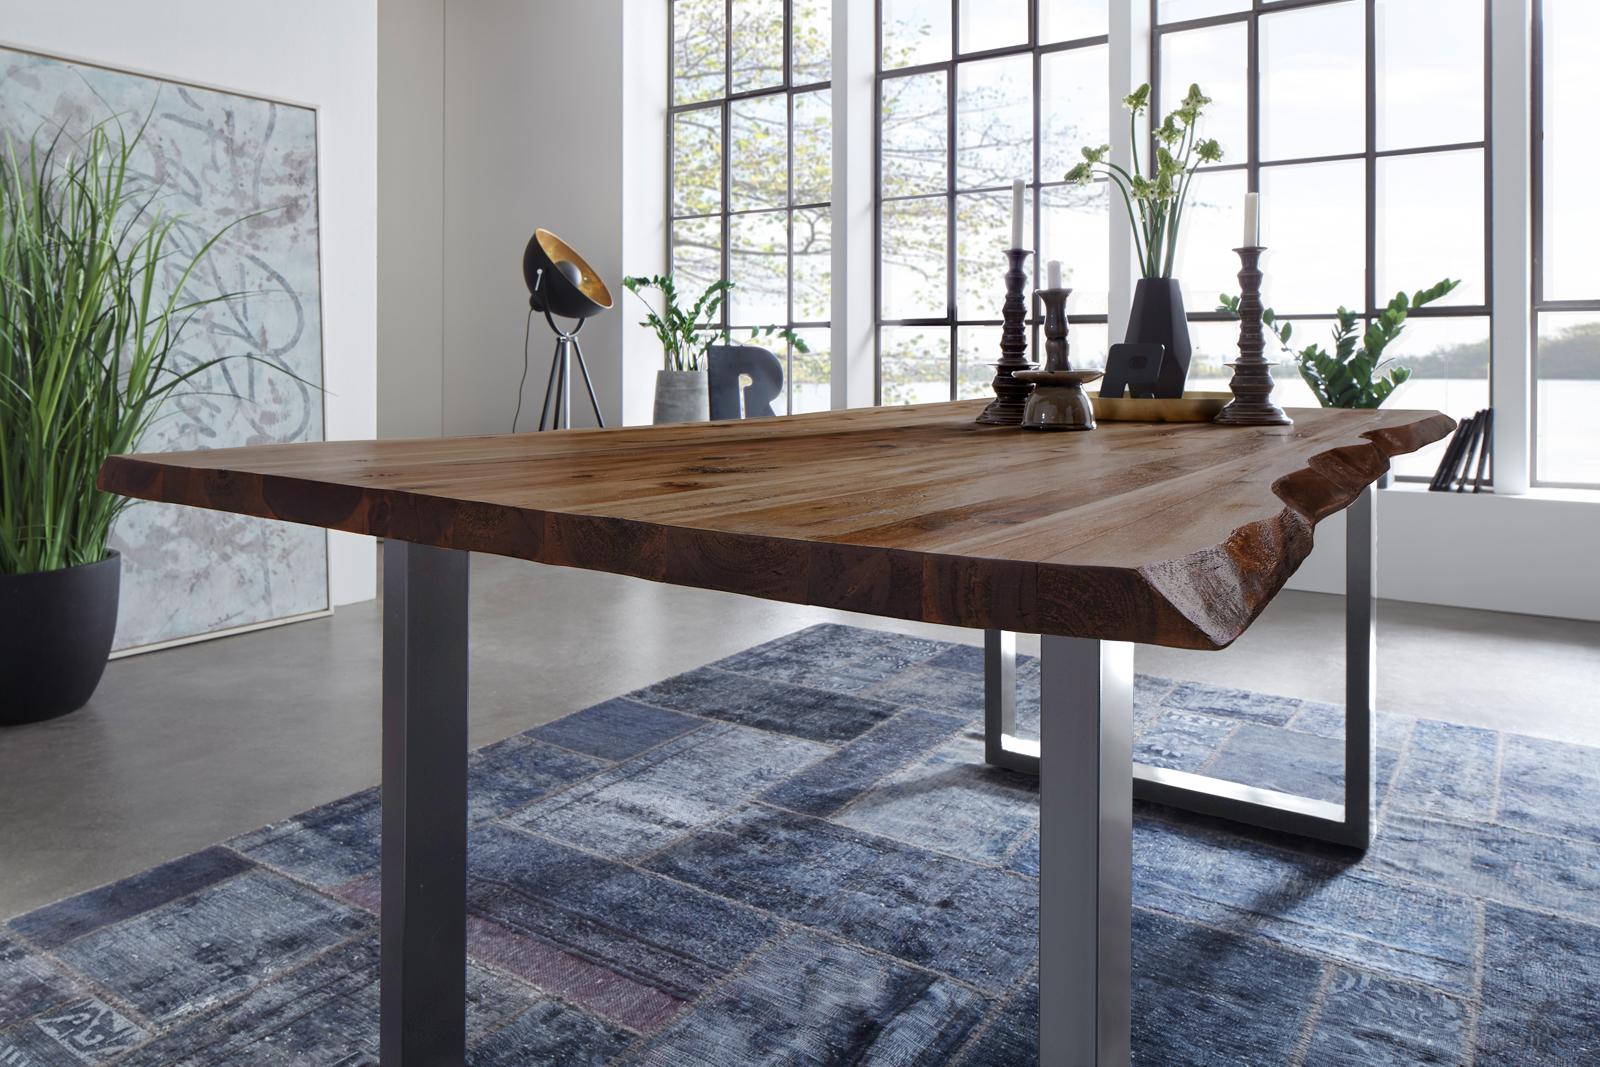 sam esstisch baumkante akazie nussbaum 200 x 100 cm silber noah demn chst. Black Bedroom Furniture Sets. Home Design Ideas